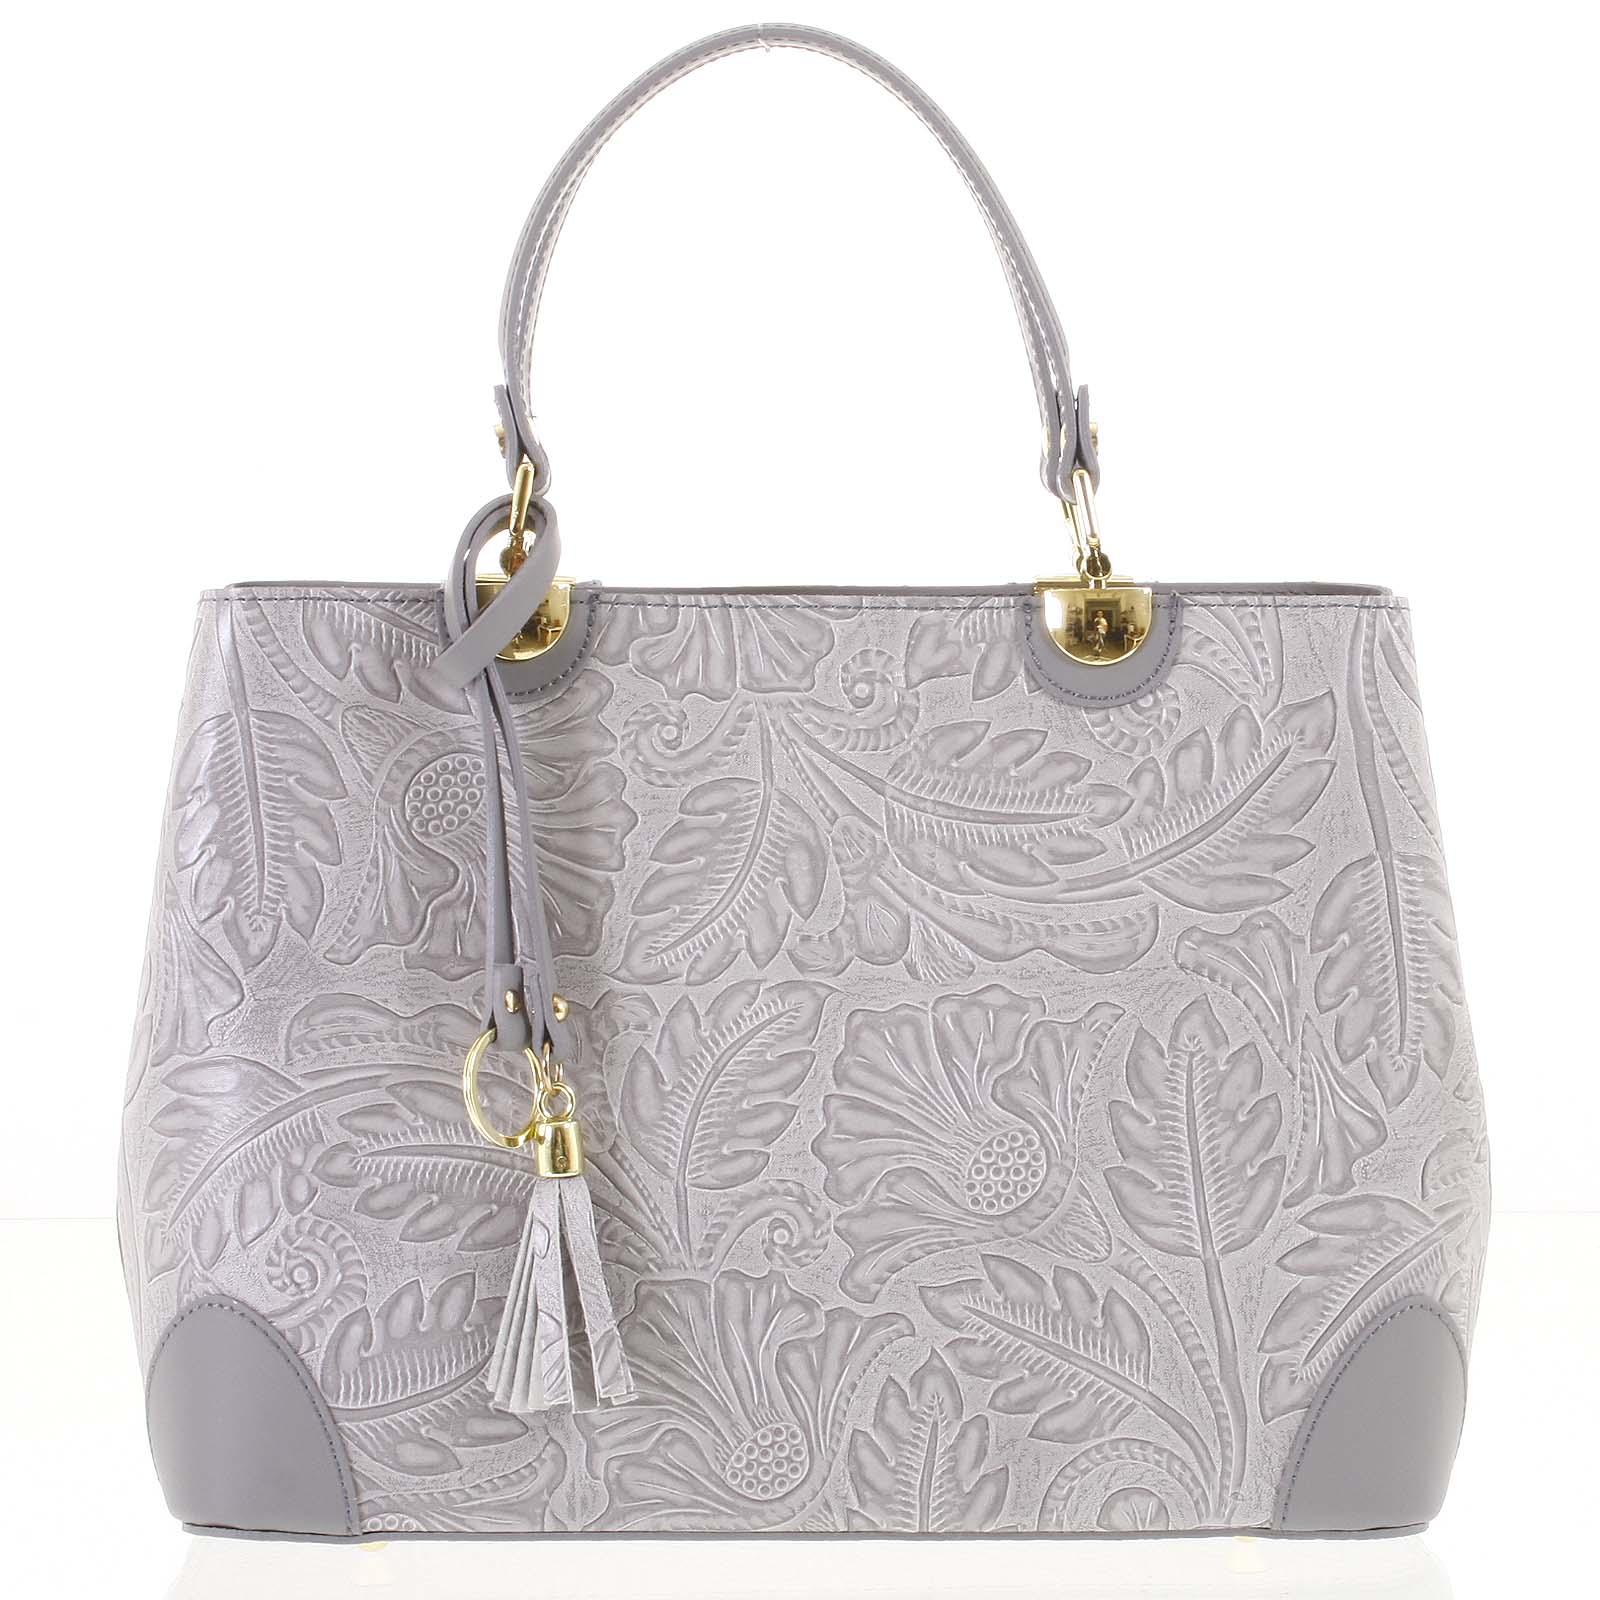 Originální dámská kožená kabelka světle šedá - ItalY Mattie